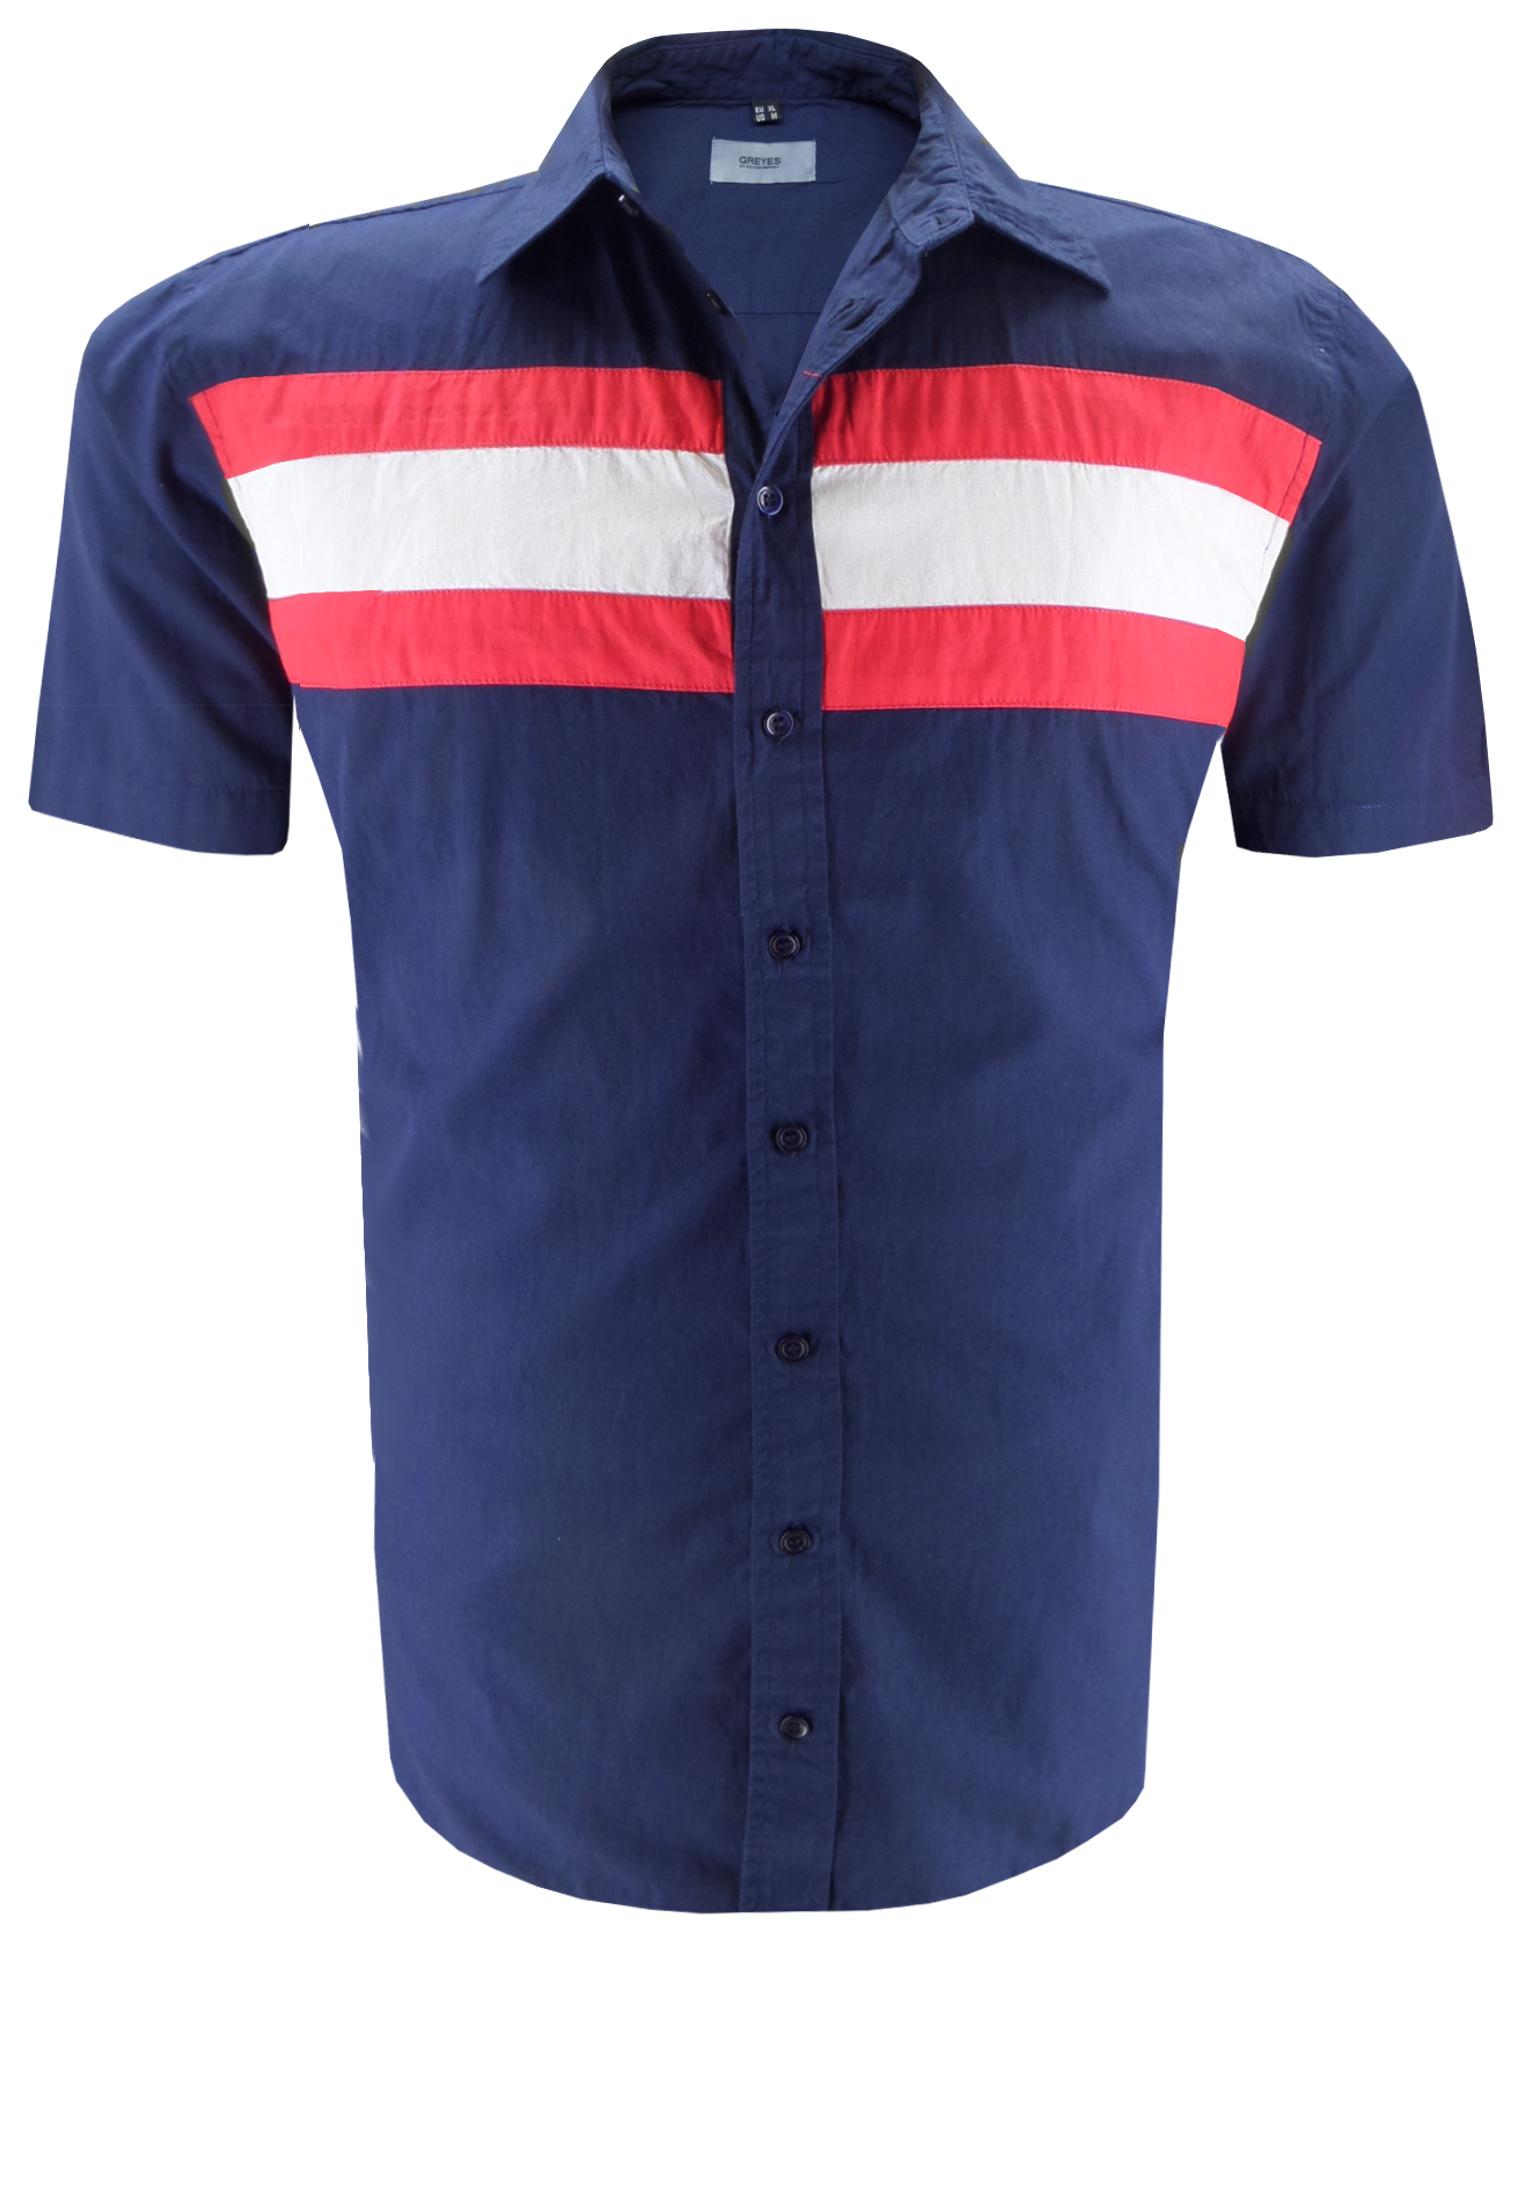 Effen Greyes overhemd met contrasterende strepen over de borst, een klassieke kraag en speels afgewerkte zij-splitten. Het overhemd is rond afgezoomd.